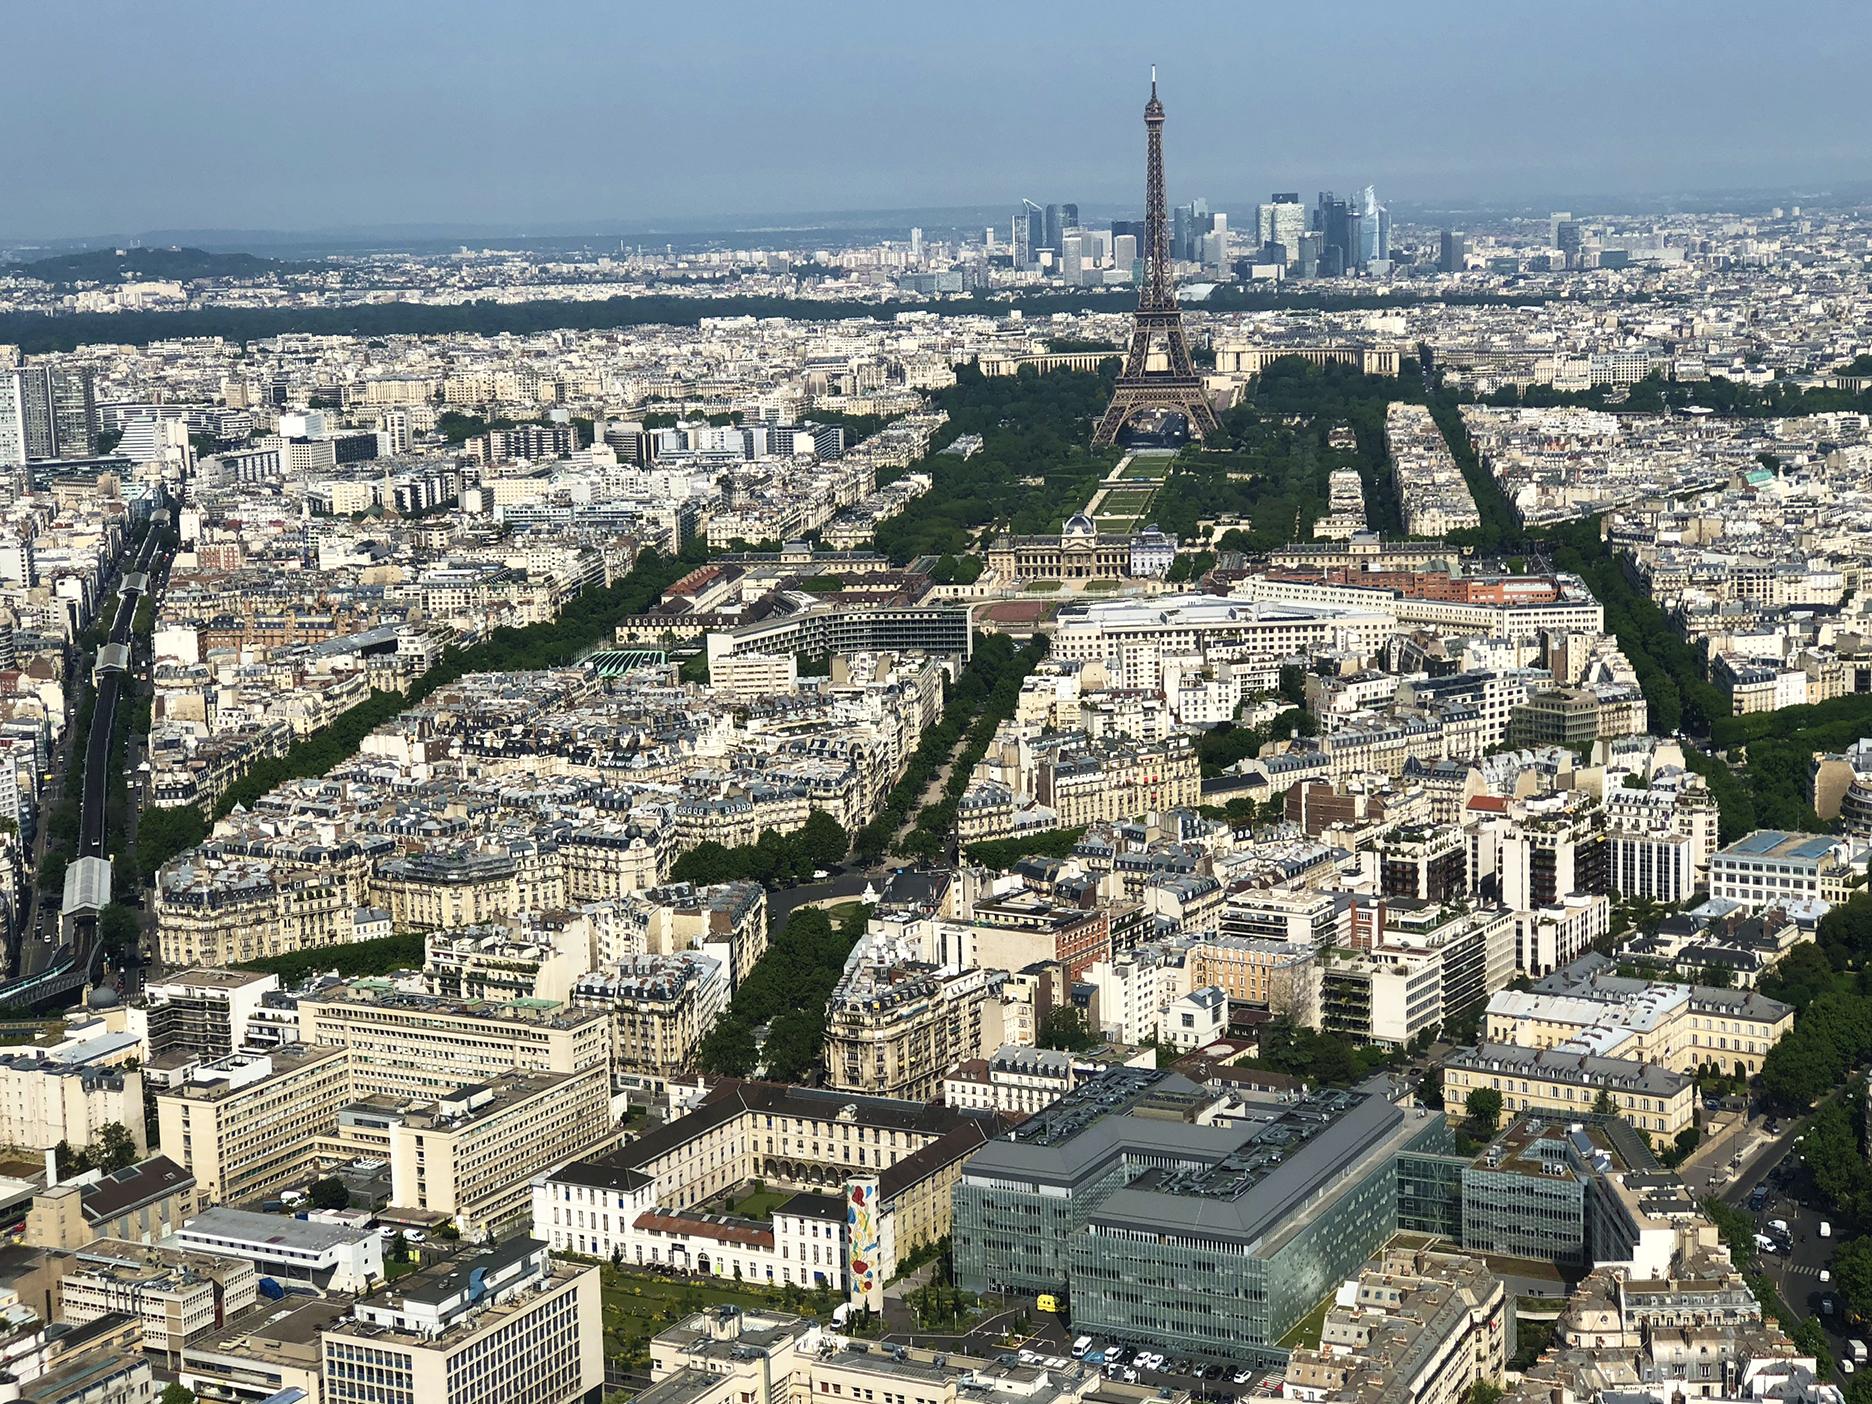 What a view! From left to right: métro aérien, bois de Boulogne, Ecole Militaire, Champs de Mars, Eiffel Tower, Palais de Chaillot, La Defense.